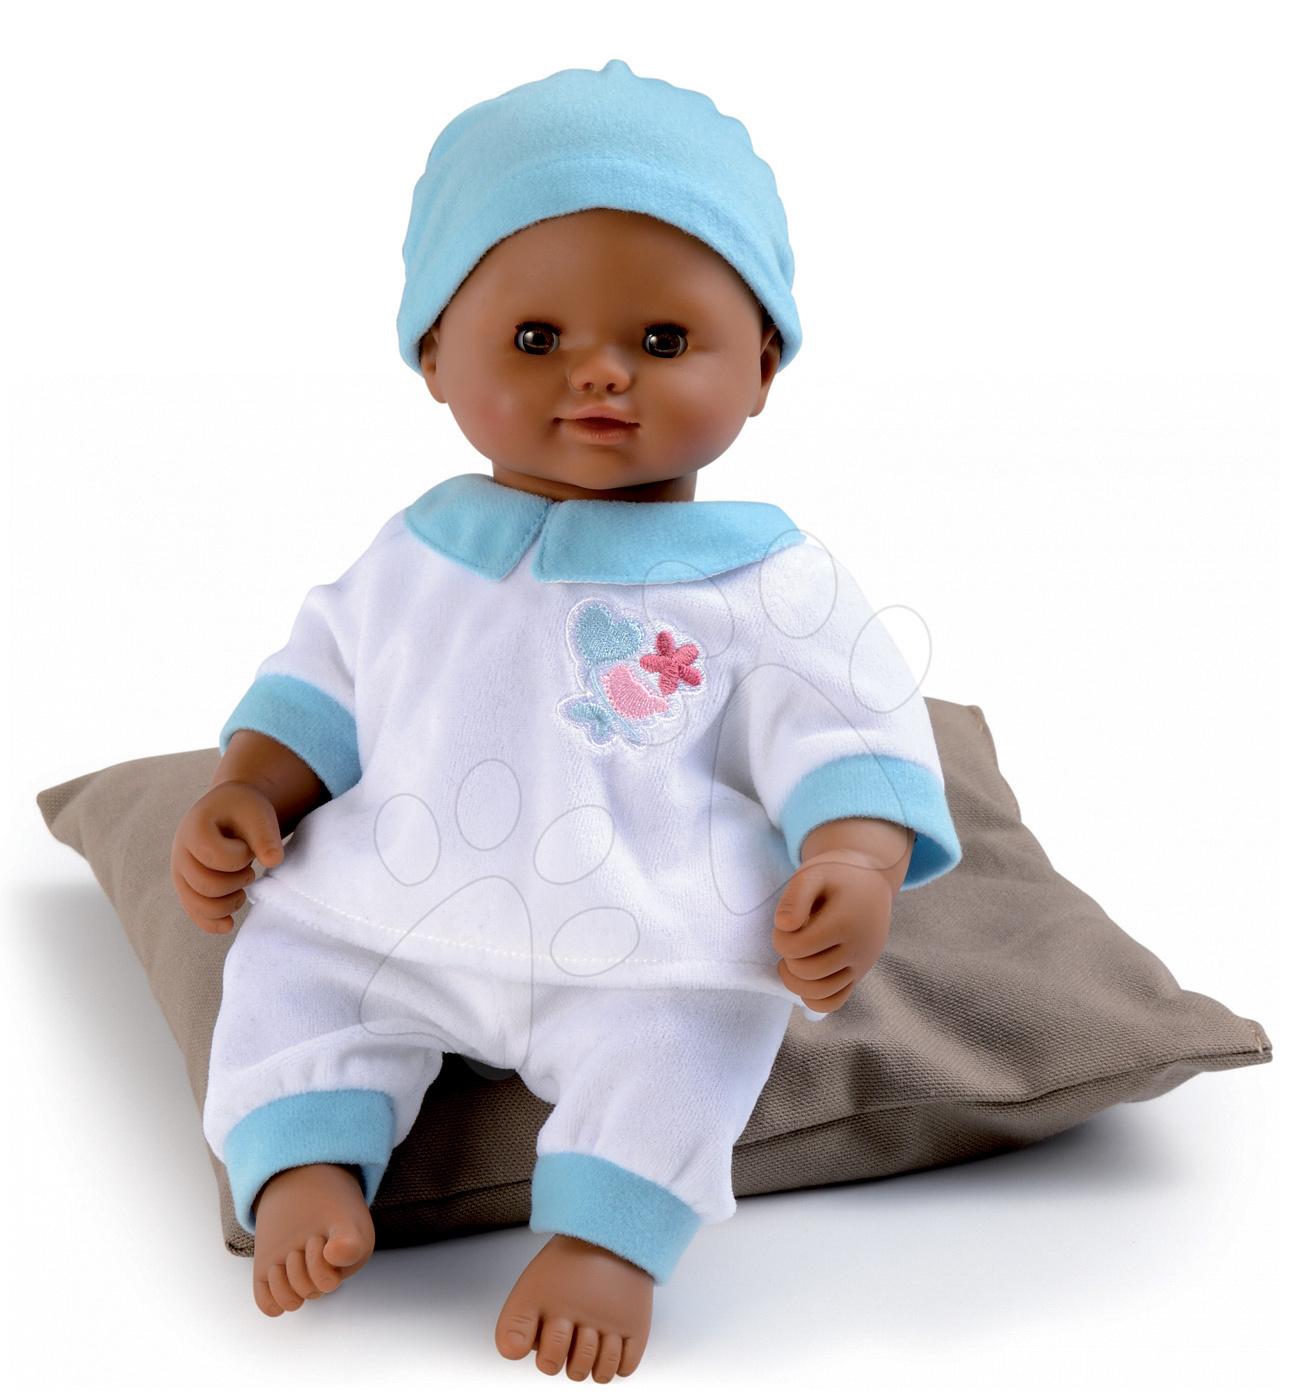 Panenka Baby Nurse Kreolka Smoby 32 cm od 24 měsíců